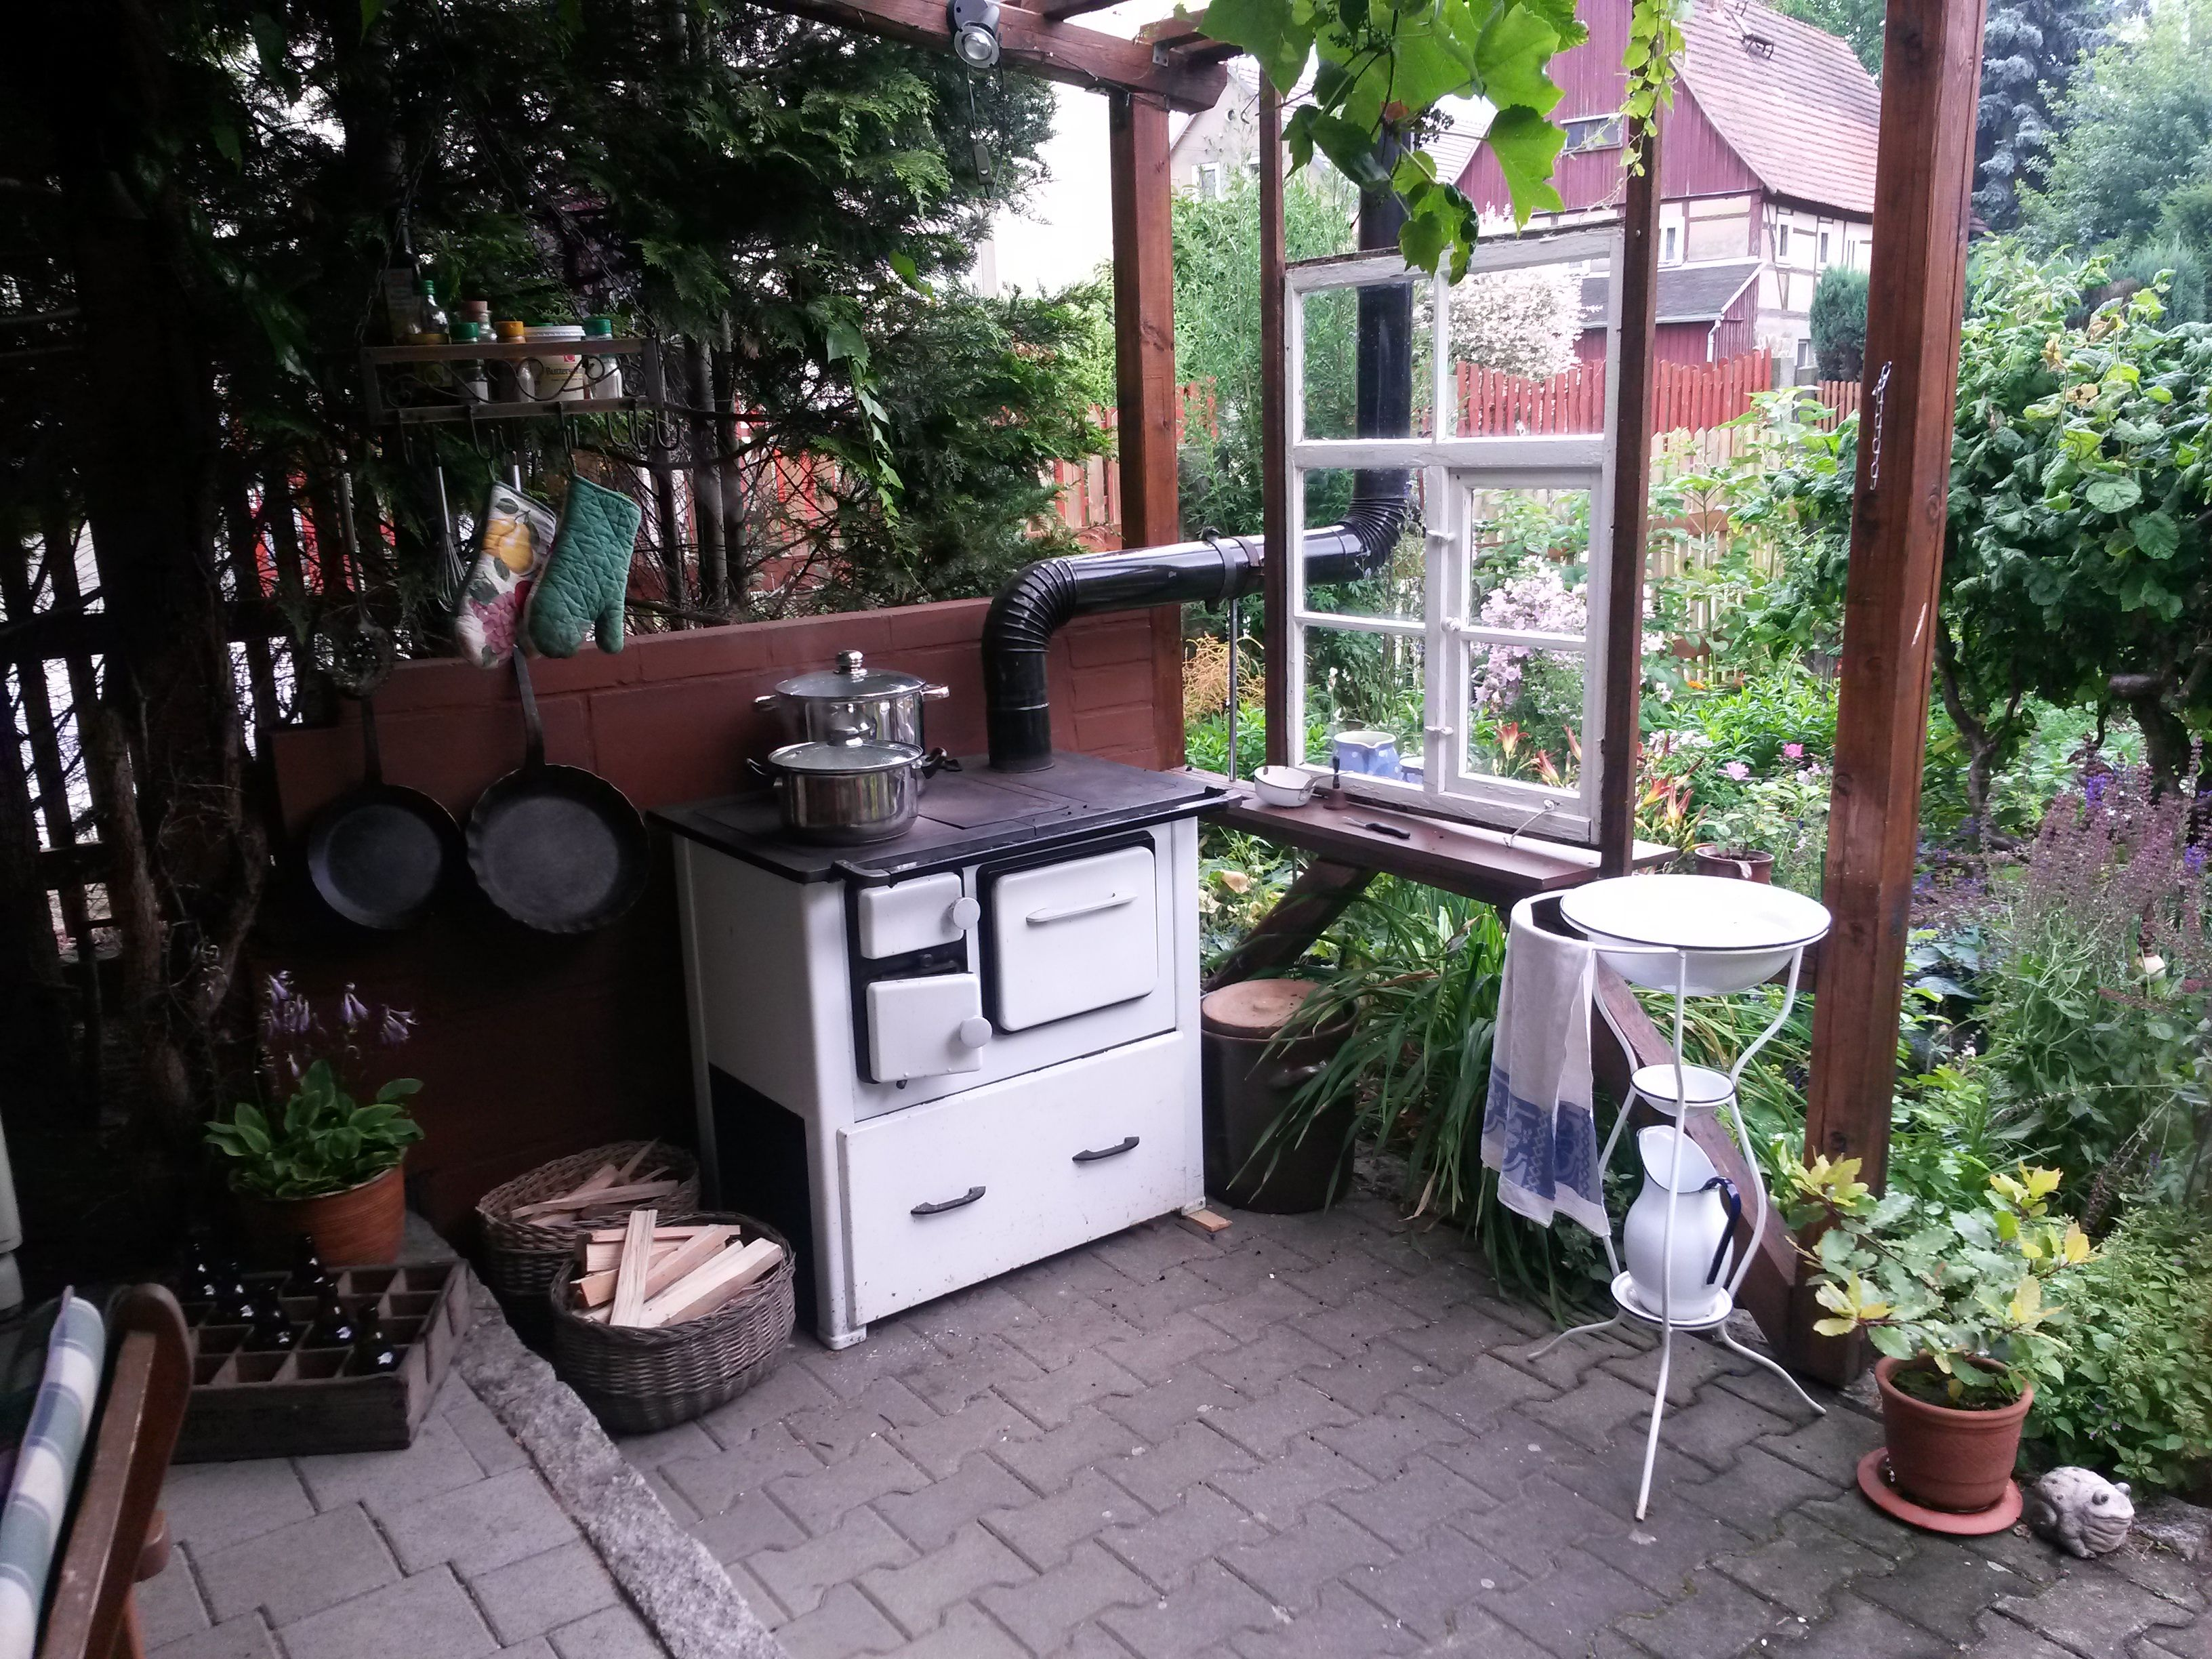 Outdoor Küche Rund : Outdoor küche rund w led deckenlampe deckenleuchte wohnzimmer